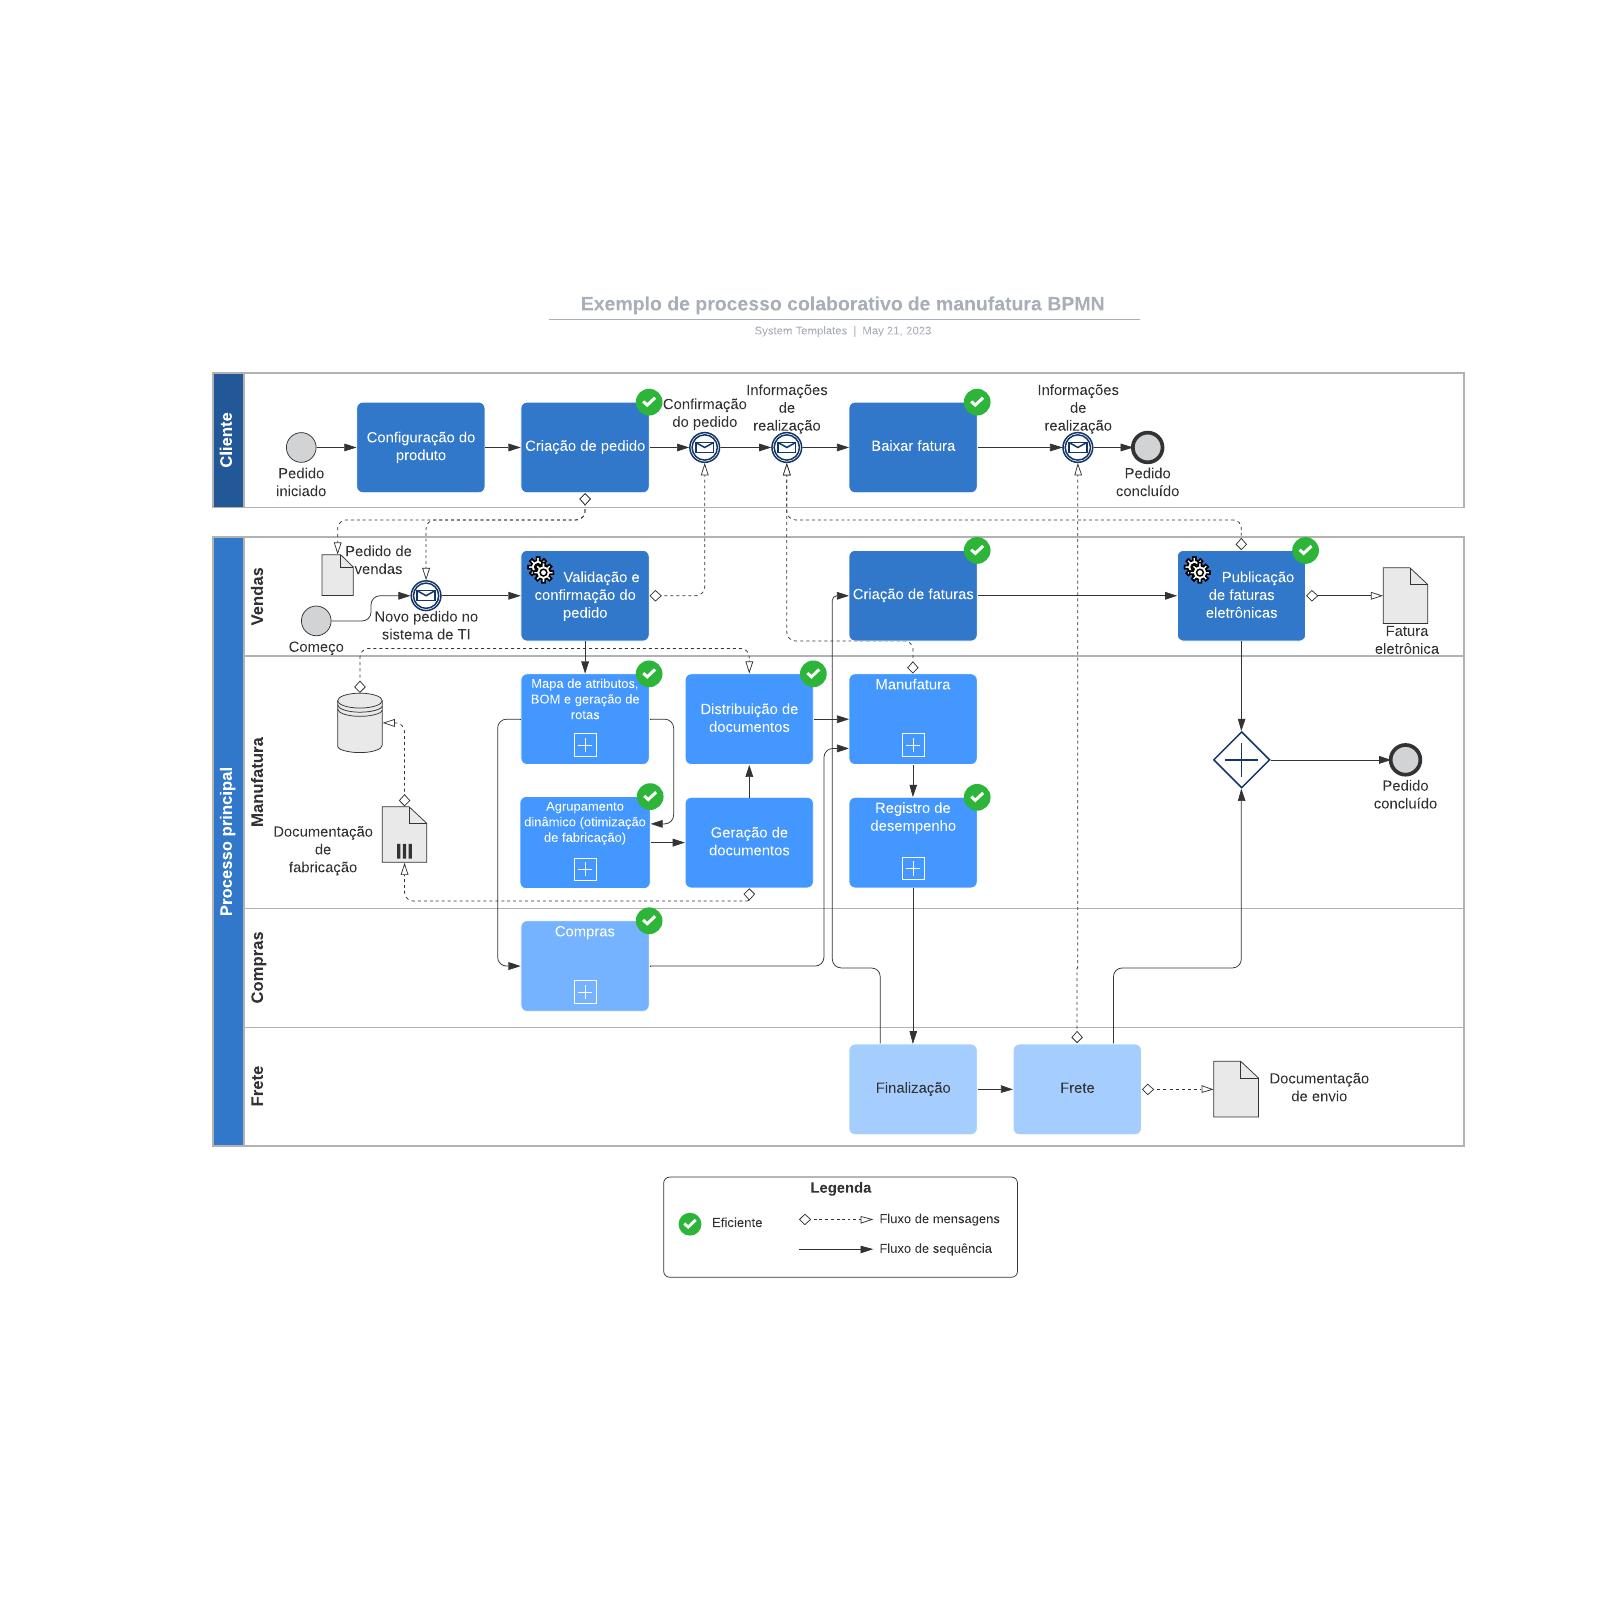 Exemplo de processo colaborativo de manufatura BPMN